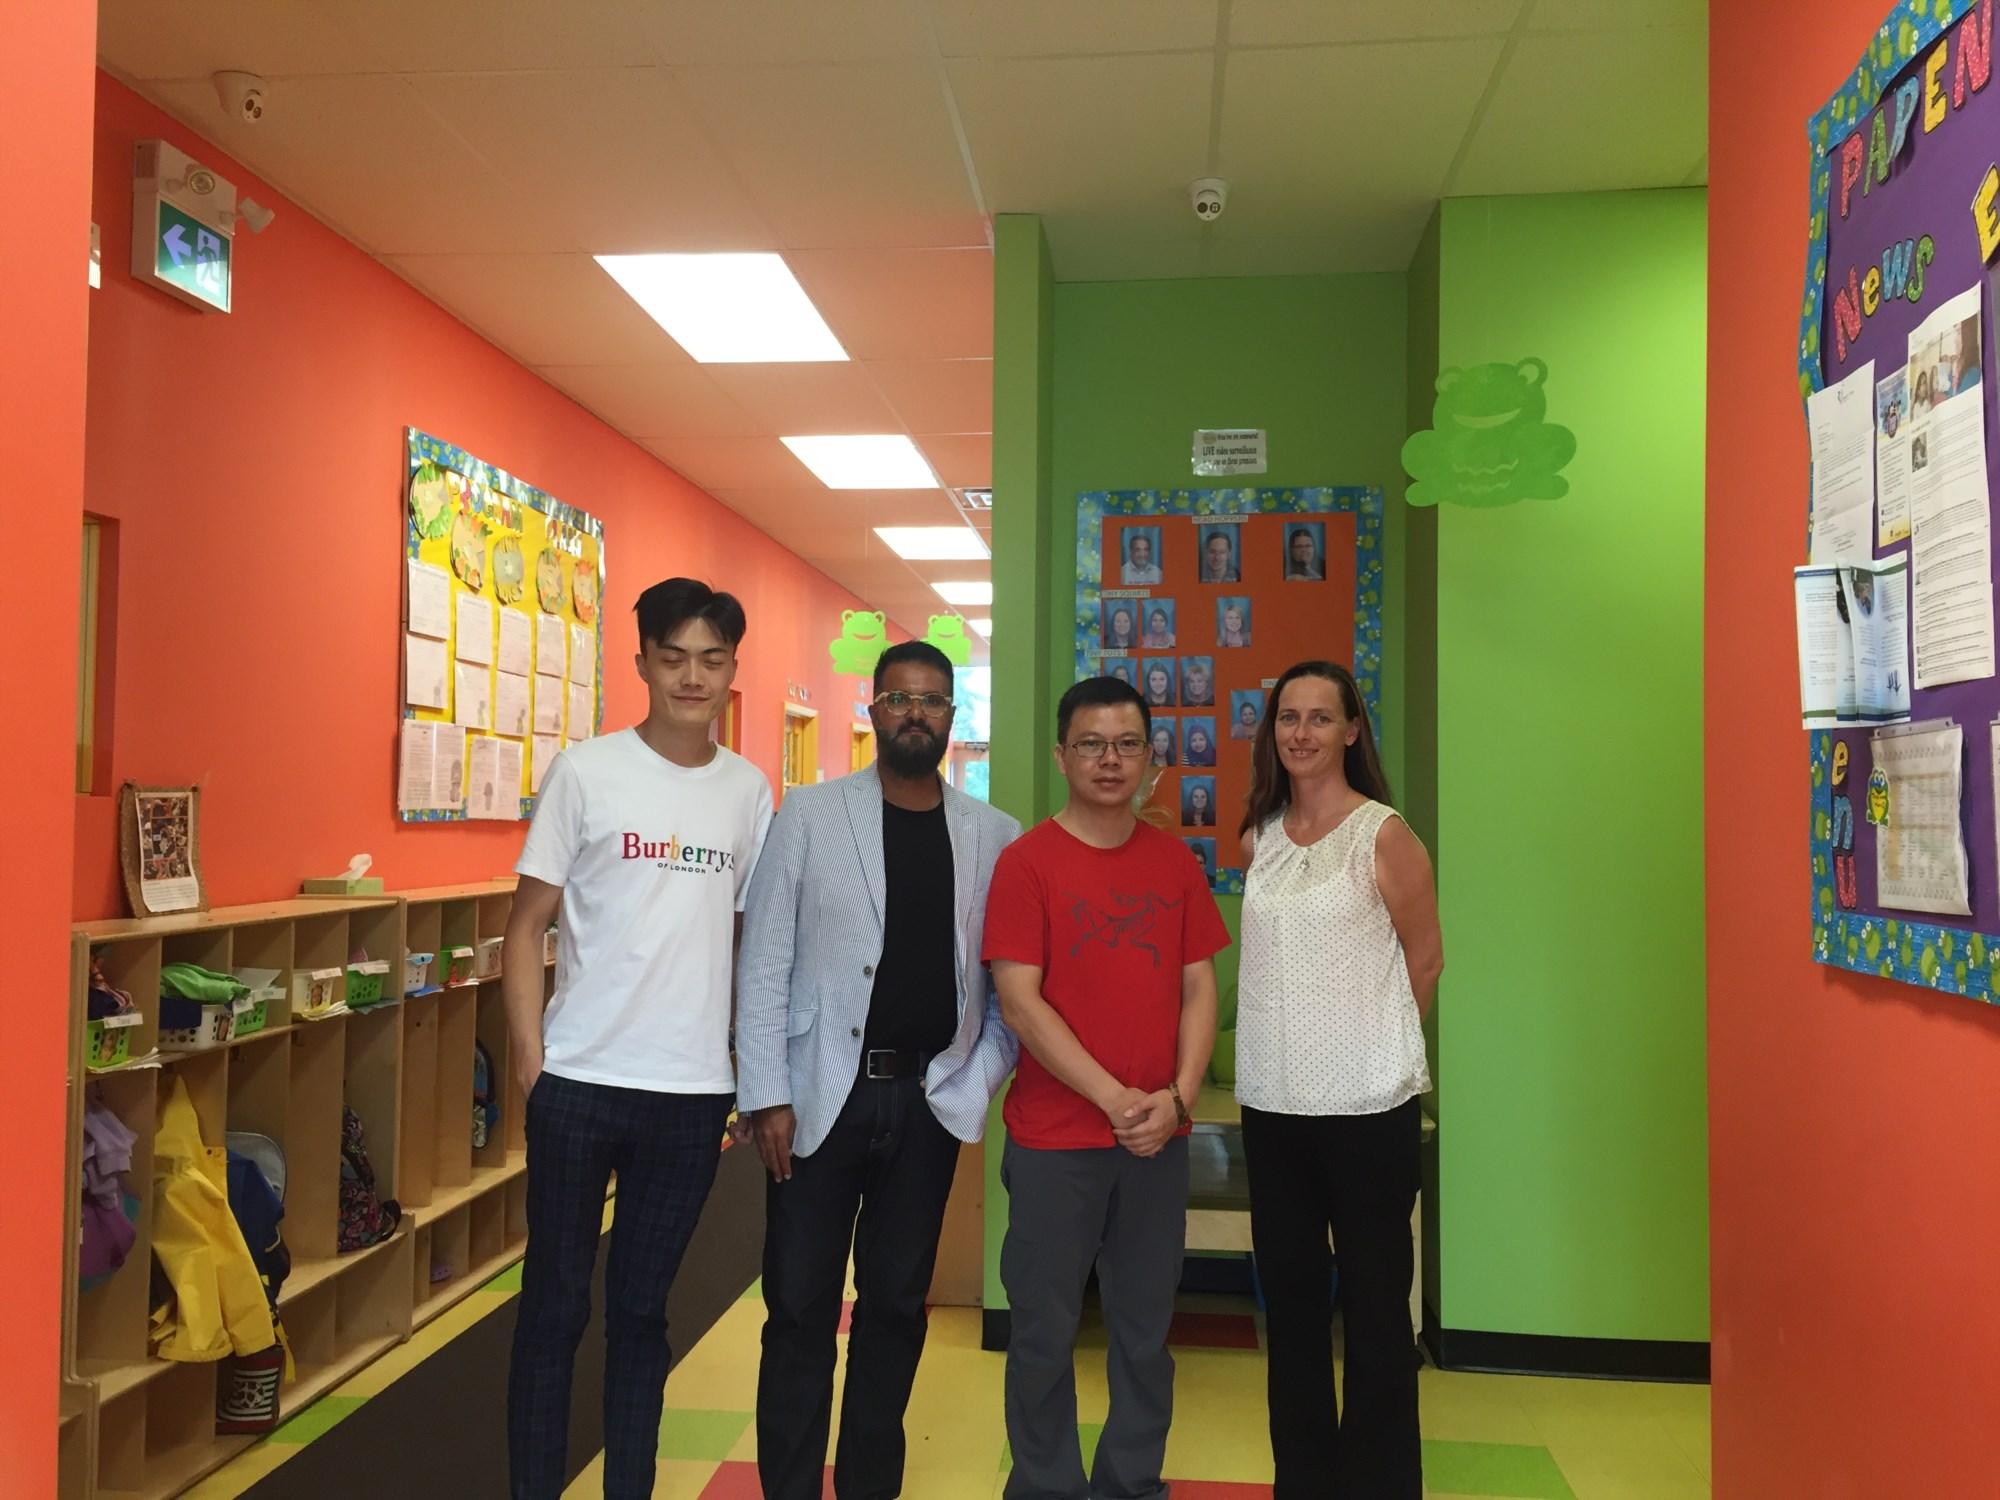 【唐尼加拿大总部考察】深度战略合作引进国外优势教育资源,共享唐尼品牌价值!